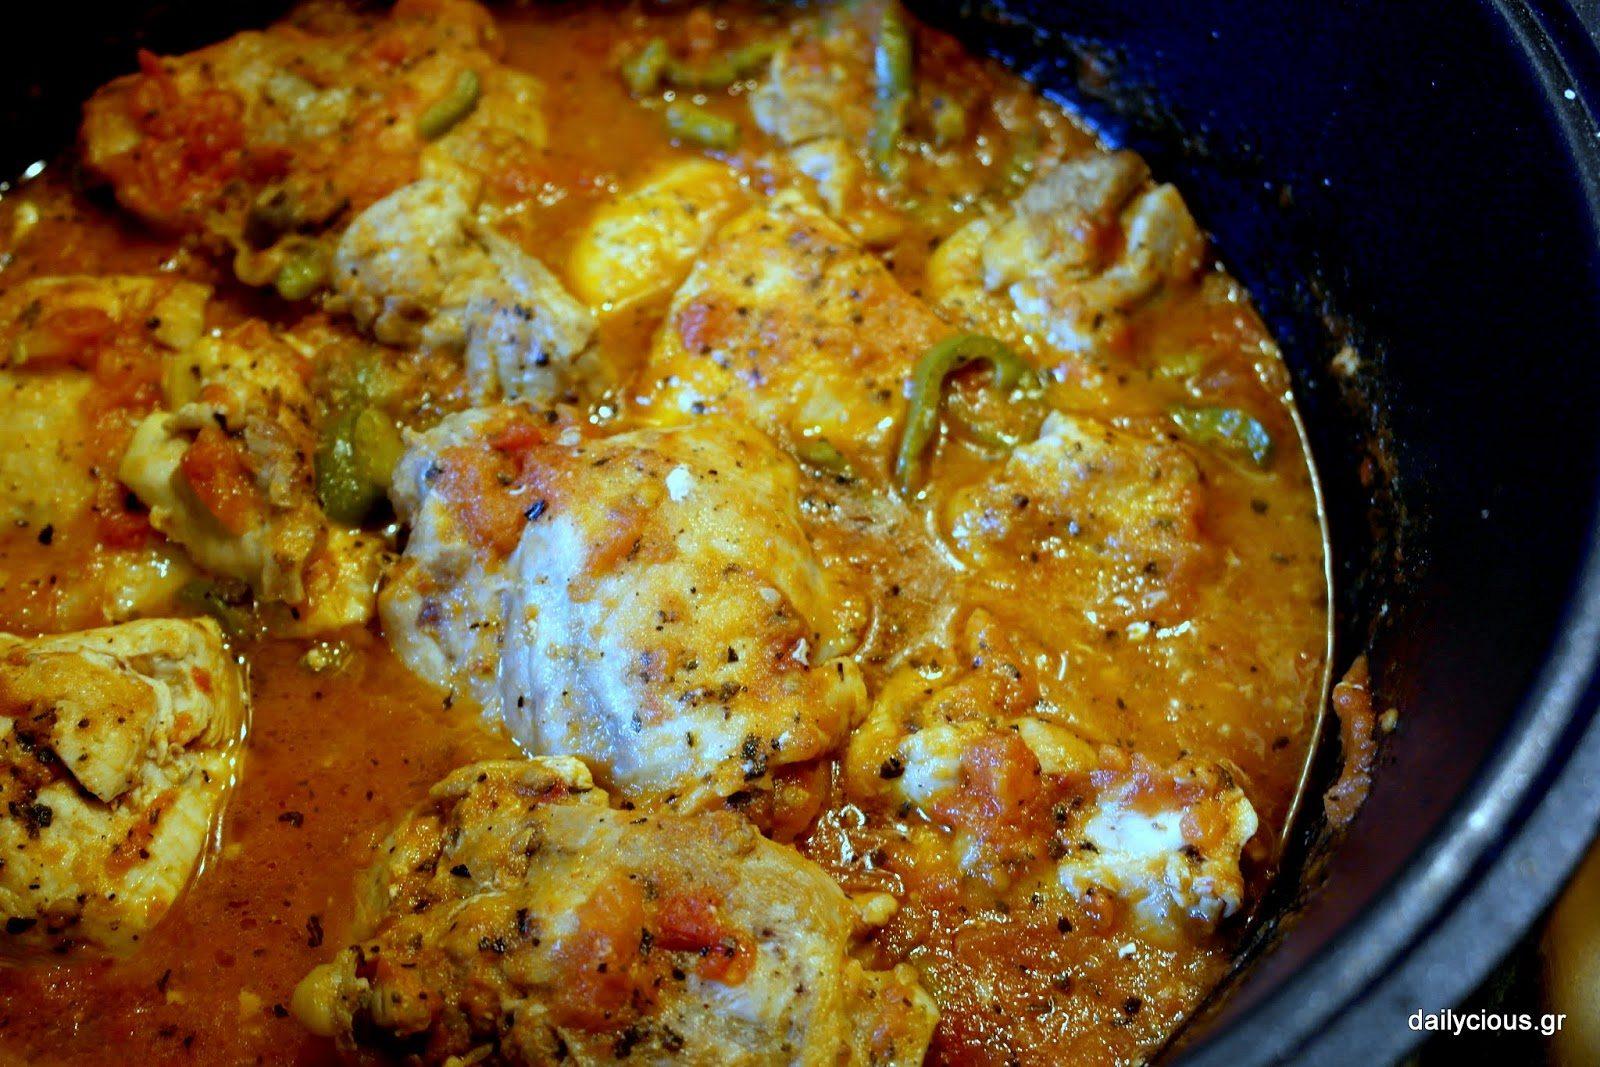 Έτοιμο το κοκκινιστό κοτόπουλο με τις πιπεριές και τον βασιλικό!